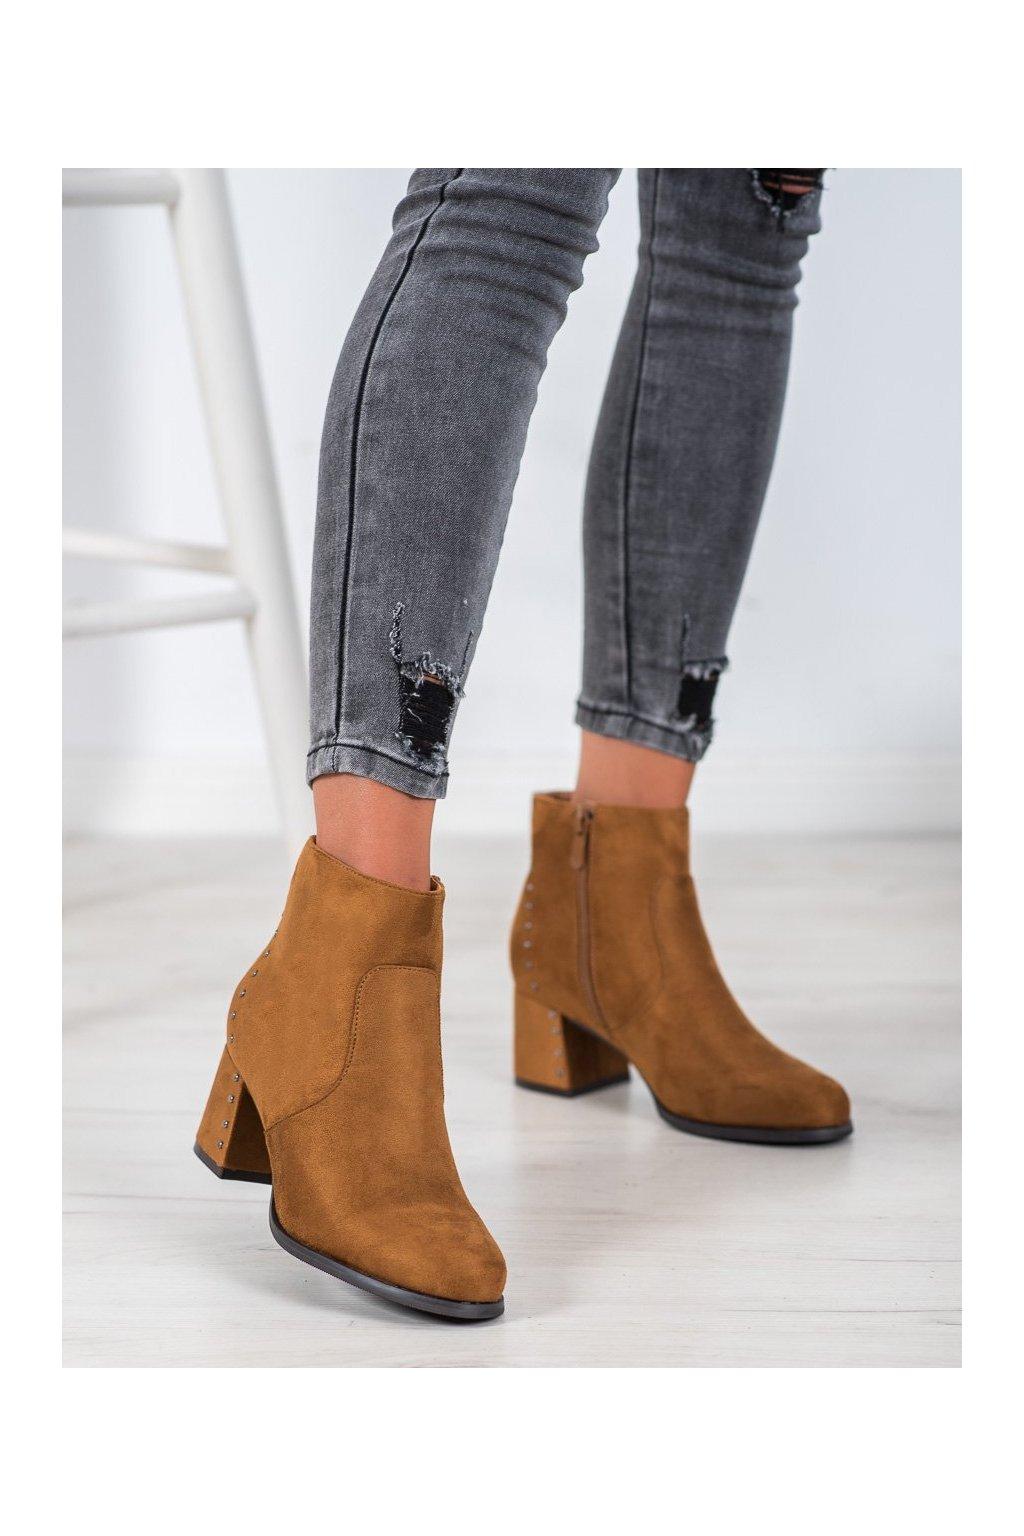 Hnedé dámske topánky Vinceza kod HX21-16174C